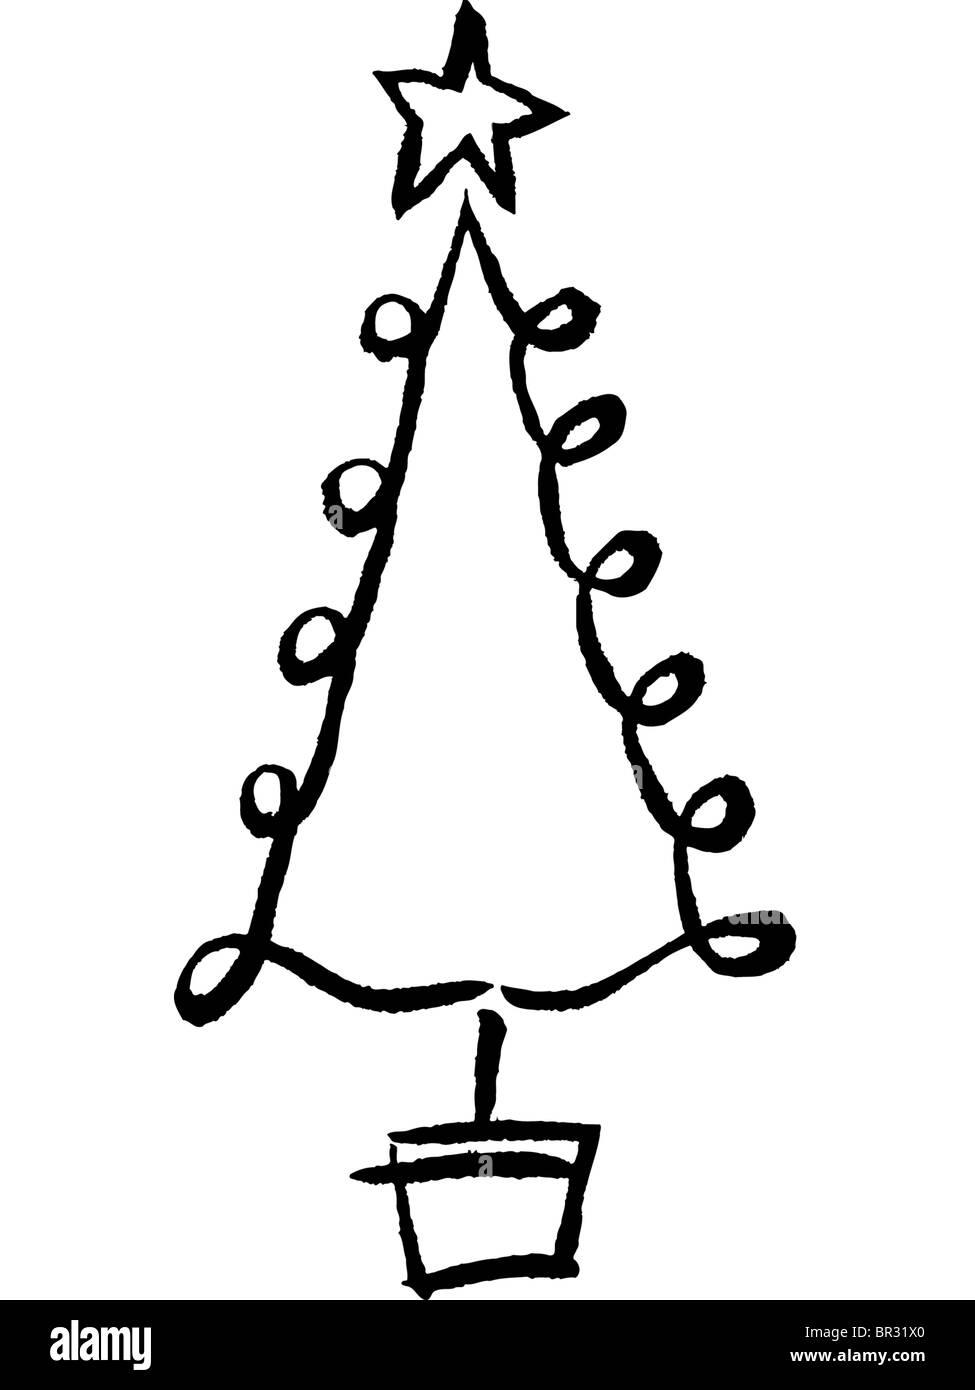 Weihnachtsbaum Schwarz Weiß.Ein Schwarz Weiß Zeichnung Von Einem Skurrilen Weihnachtsbaum